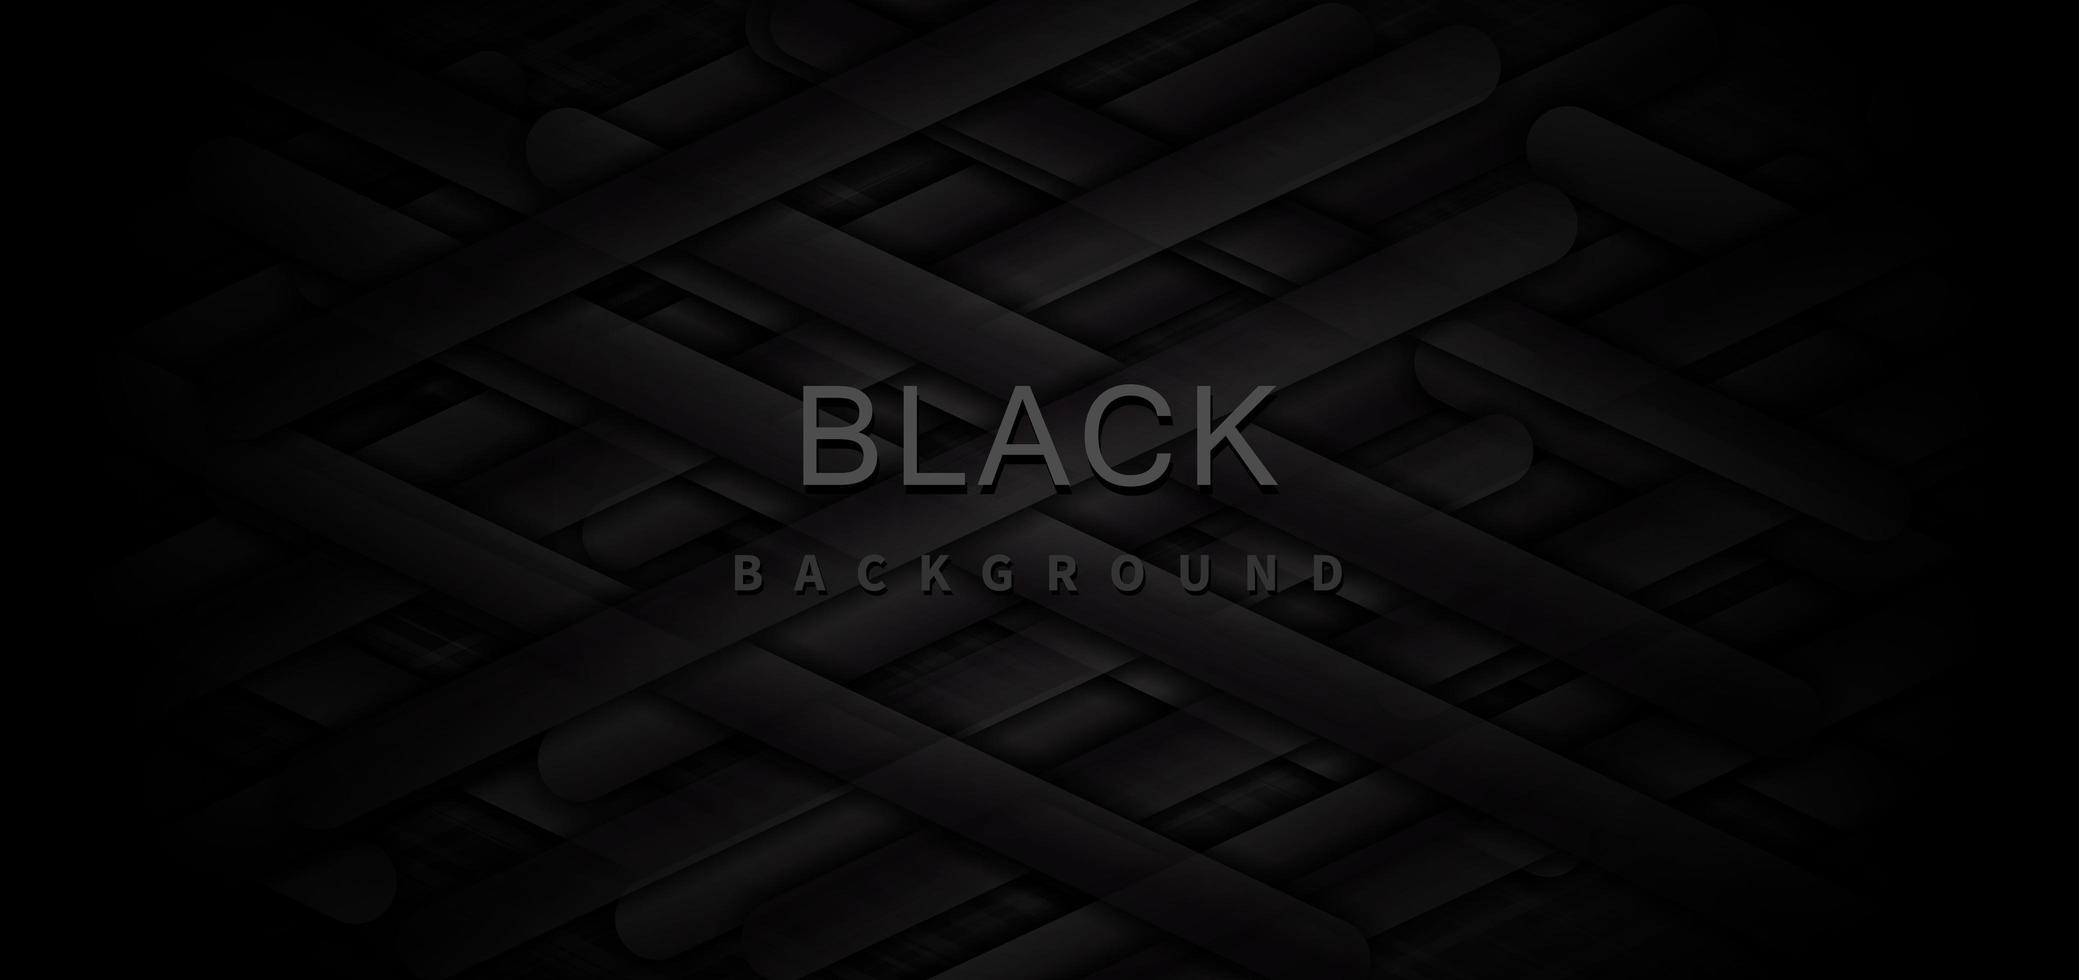 banner abstrato com elementos geométricos em preto e cinza vetor